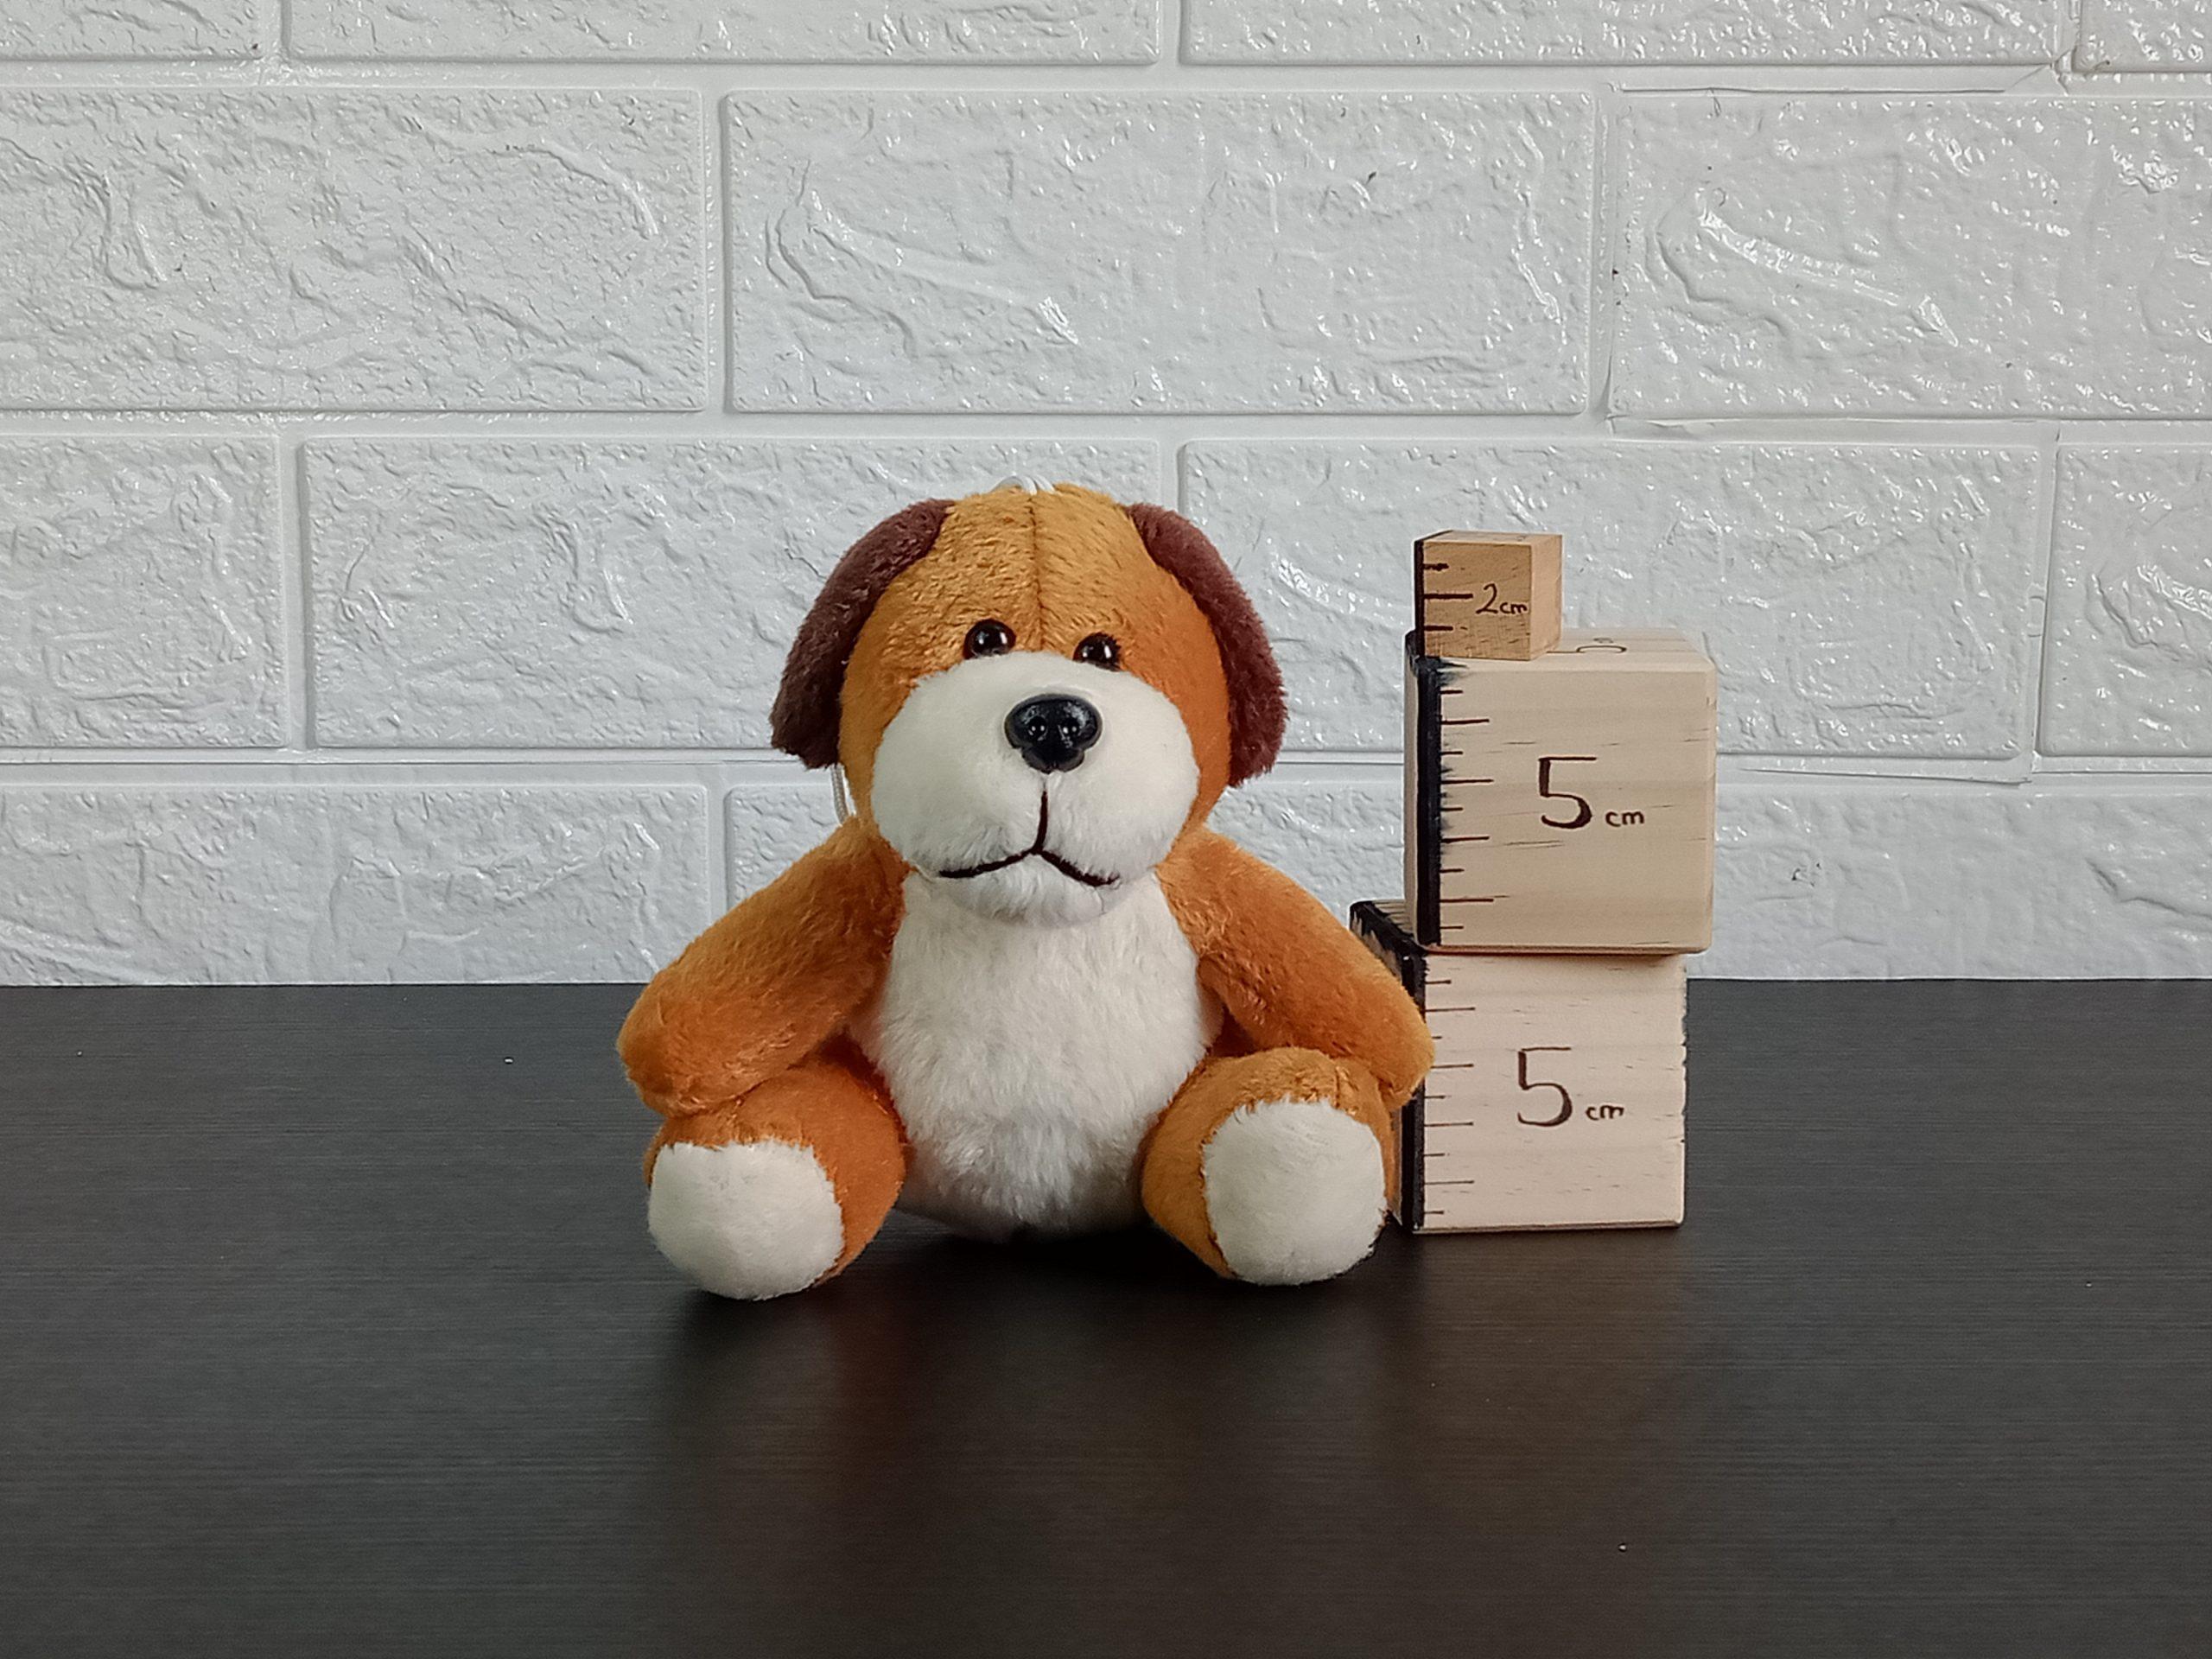 Animal Doggy Image